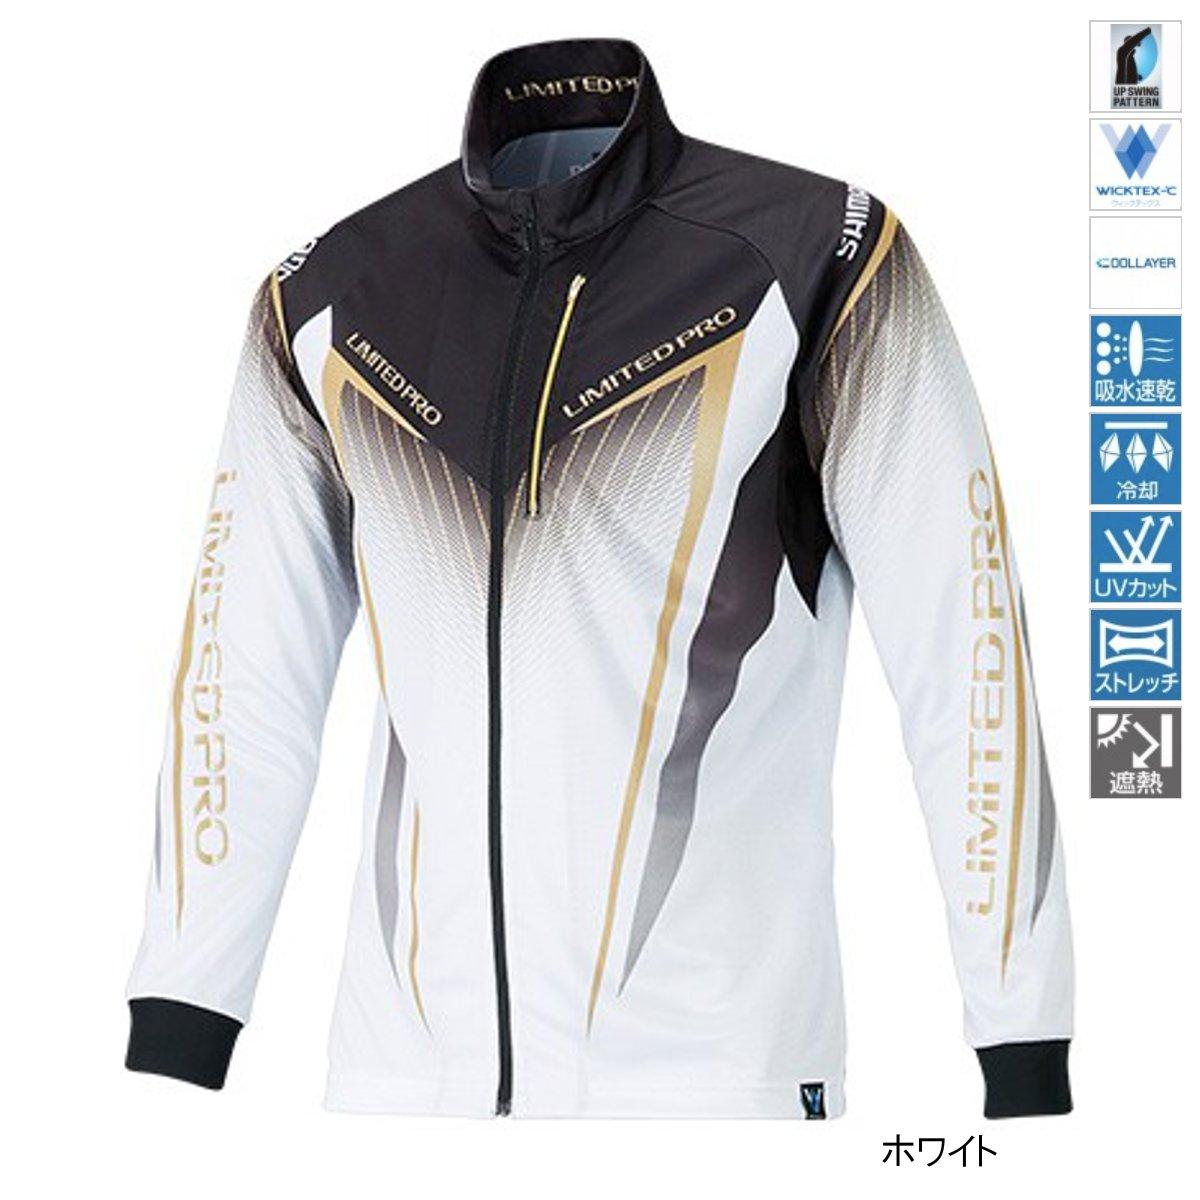 【4/1 24時間限定!エントリーで最大P31倍】シマノ フルジップシャツLIMITED PRO(長袖) SH-011S L ホワイト(東日本店)